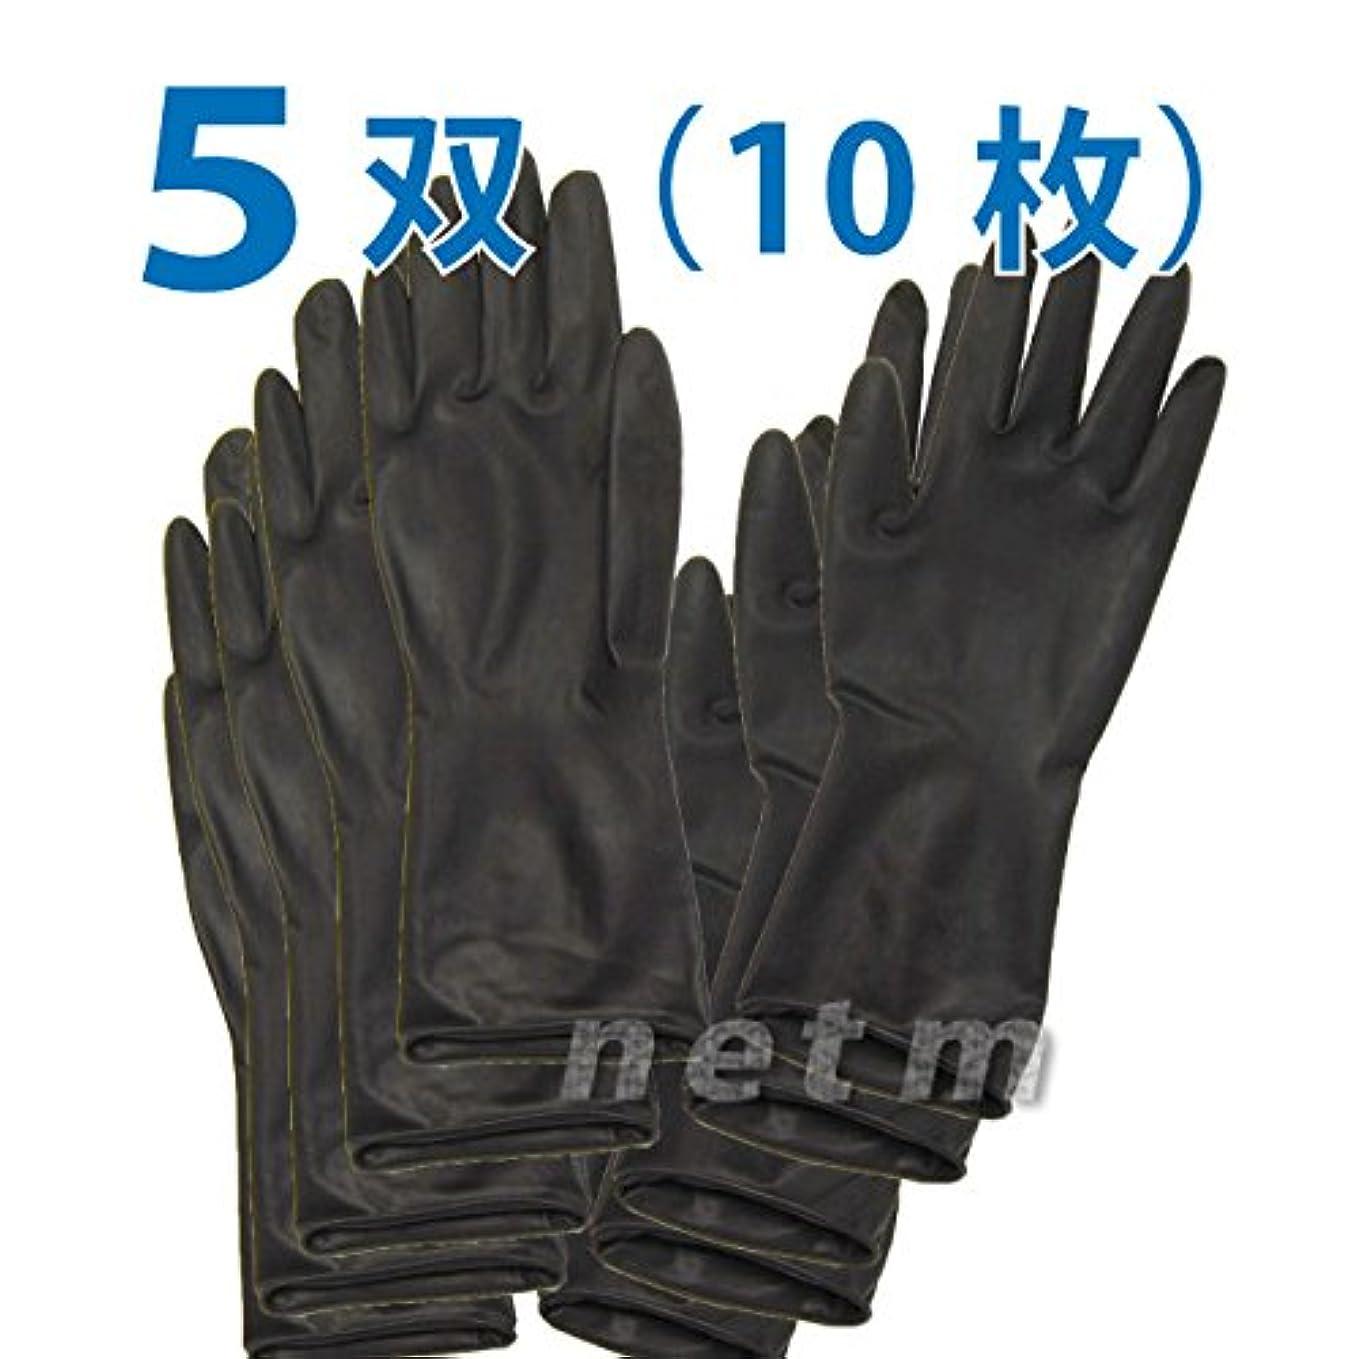 虐殺記事袋オカモト ブラックグローブ ロングタイプ Sサイズ  5双(10枚)